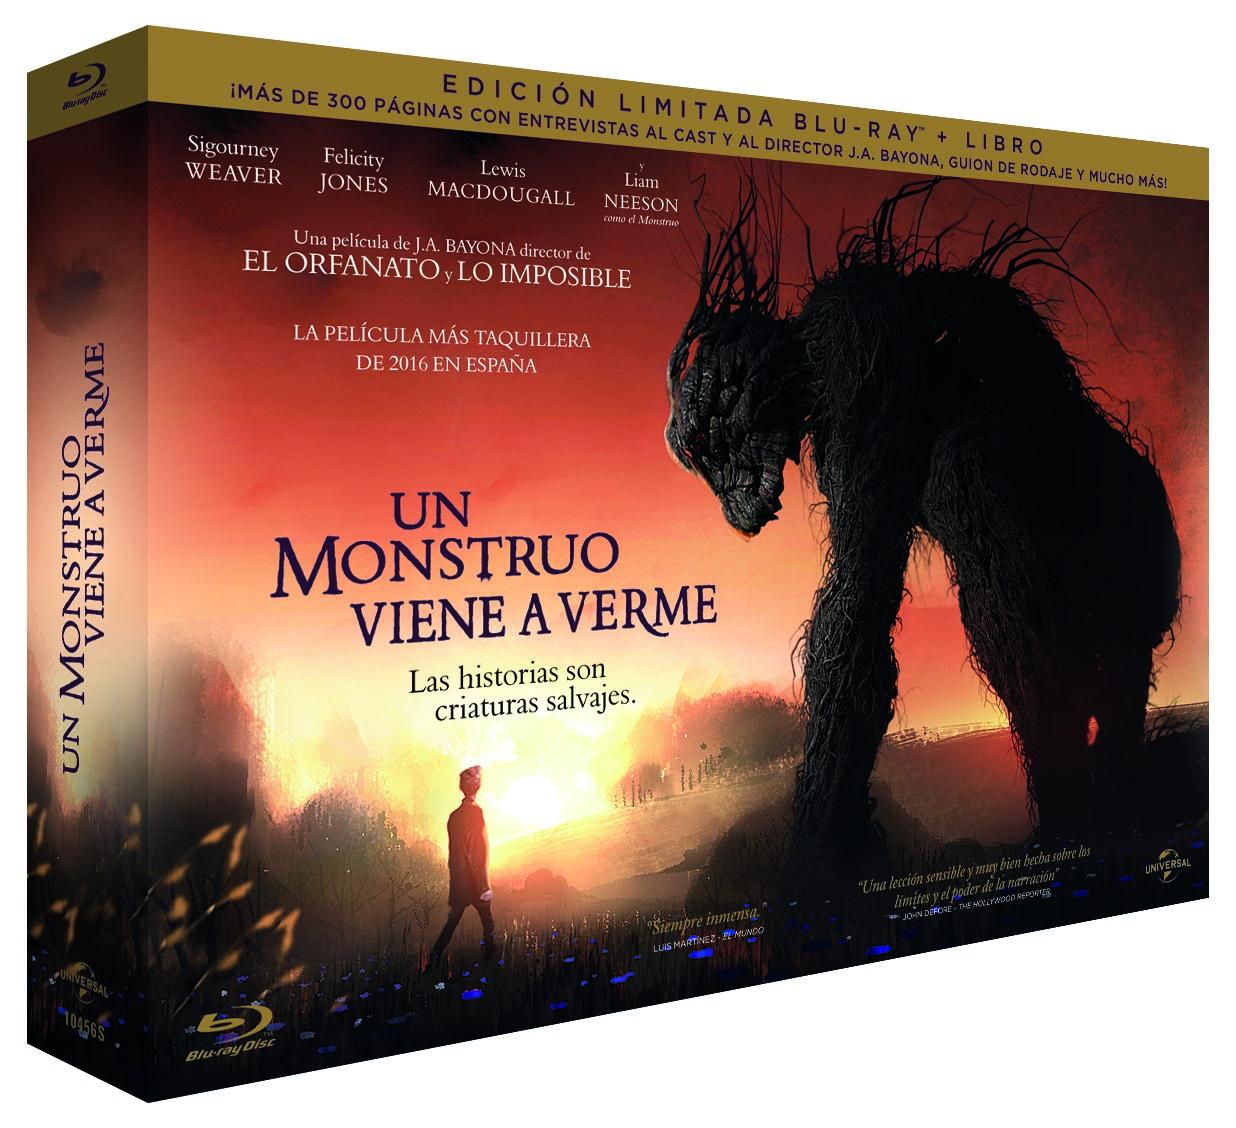 """""""Un monstruo viene a verme"""" en Blu-ray y Dvd el 10 de febrero. Y en Marzo una edición limitada."""